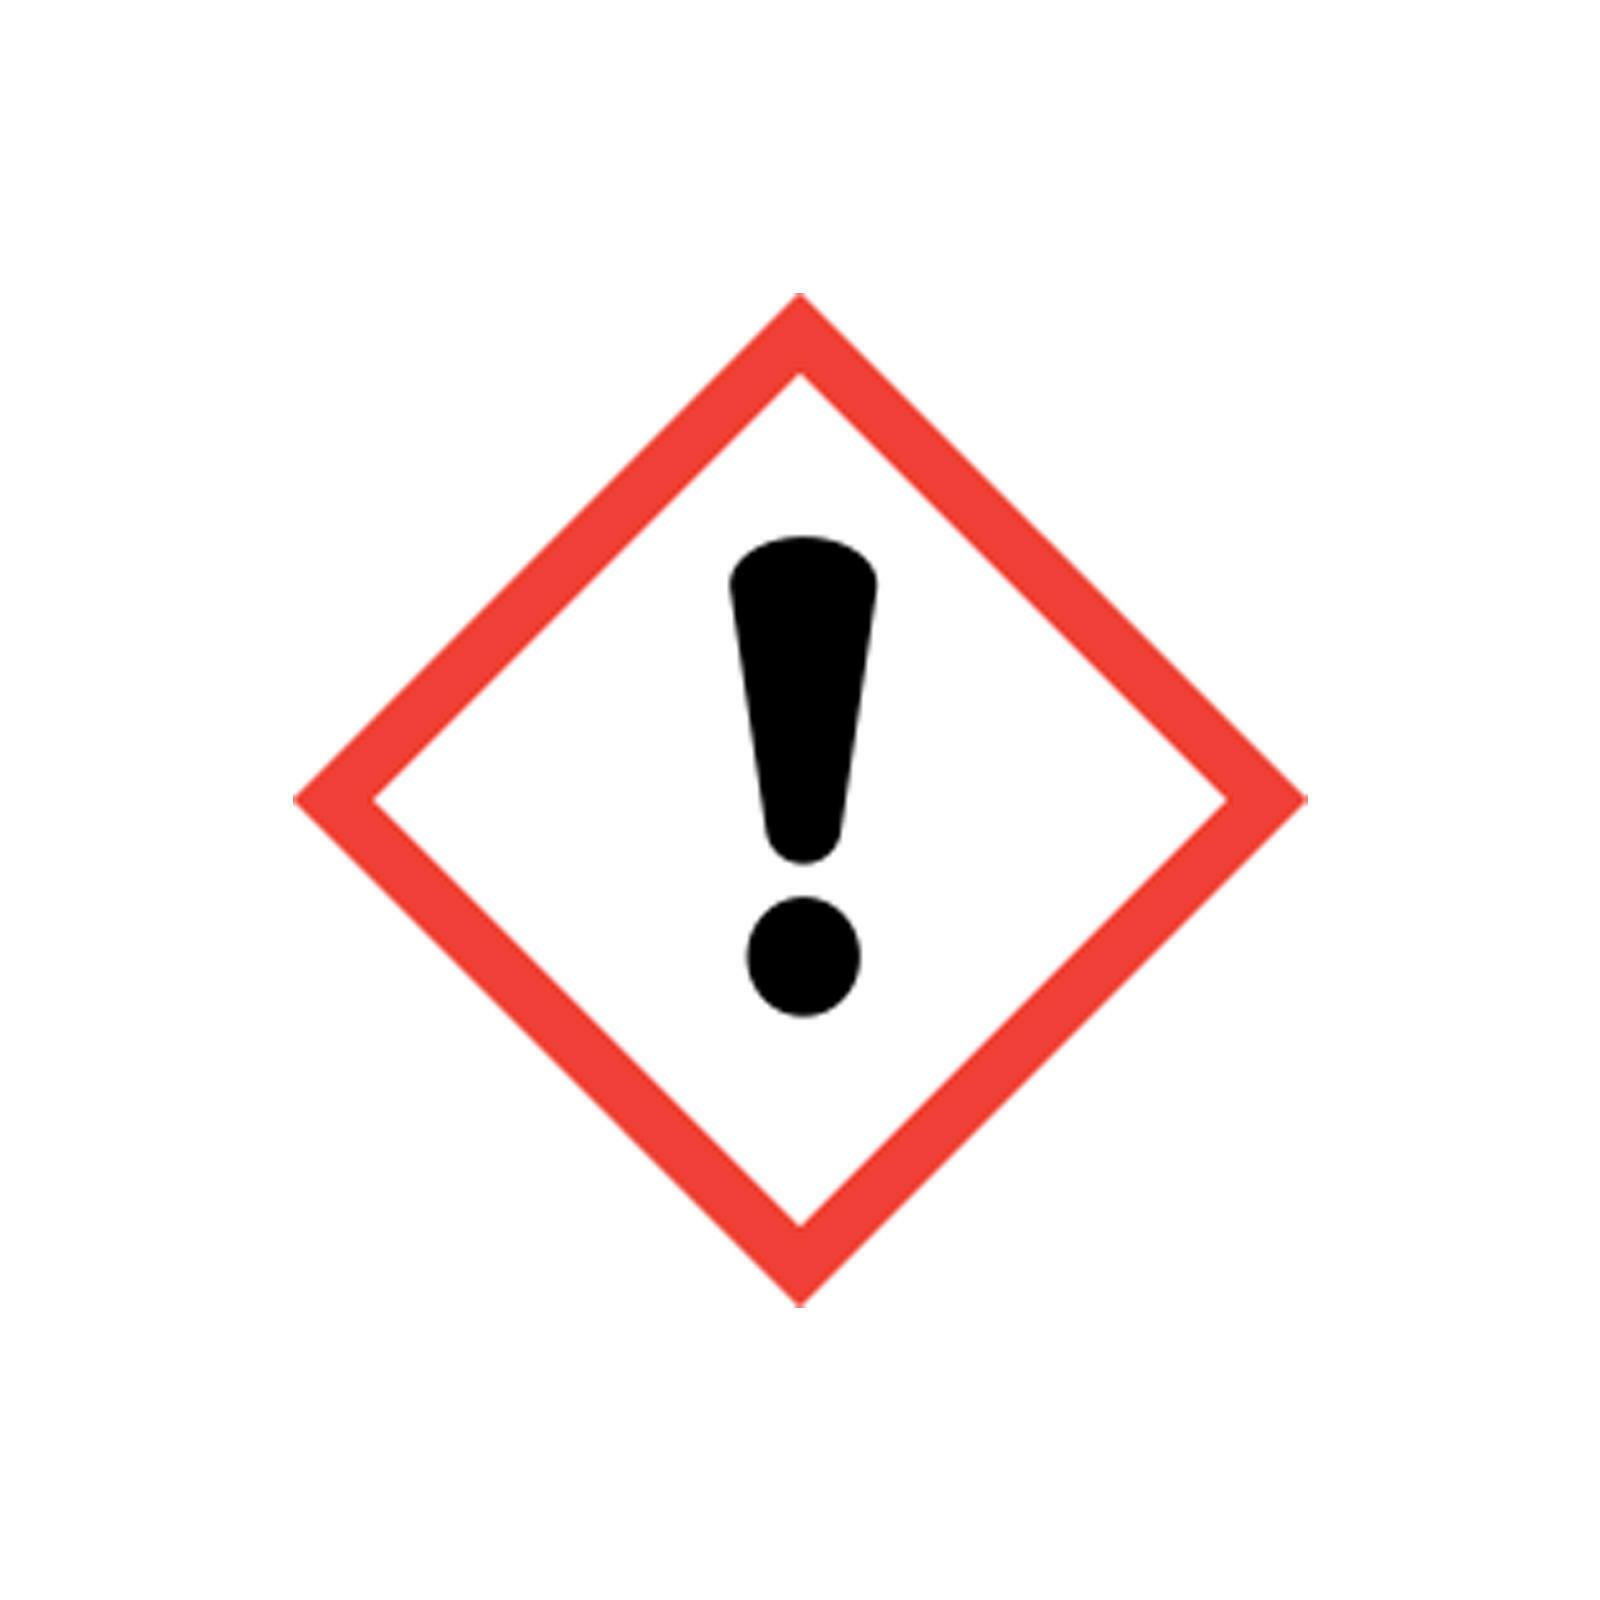 Dr. Wack Leichtmetall-Felgen-Reiniger P21S 1L Alufelgenreinger säurefrei